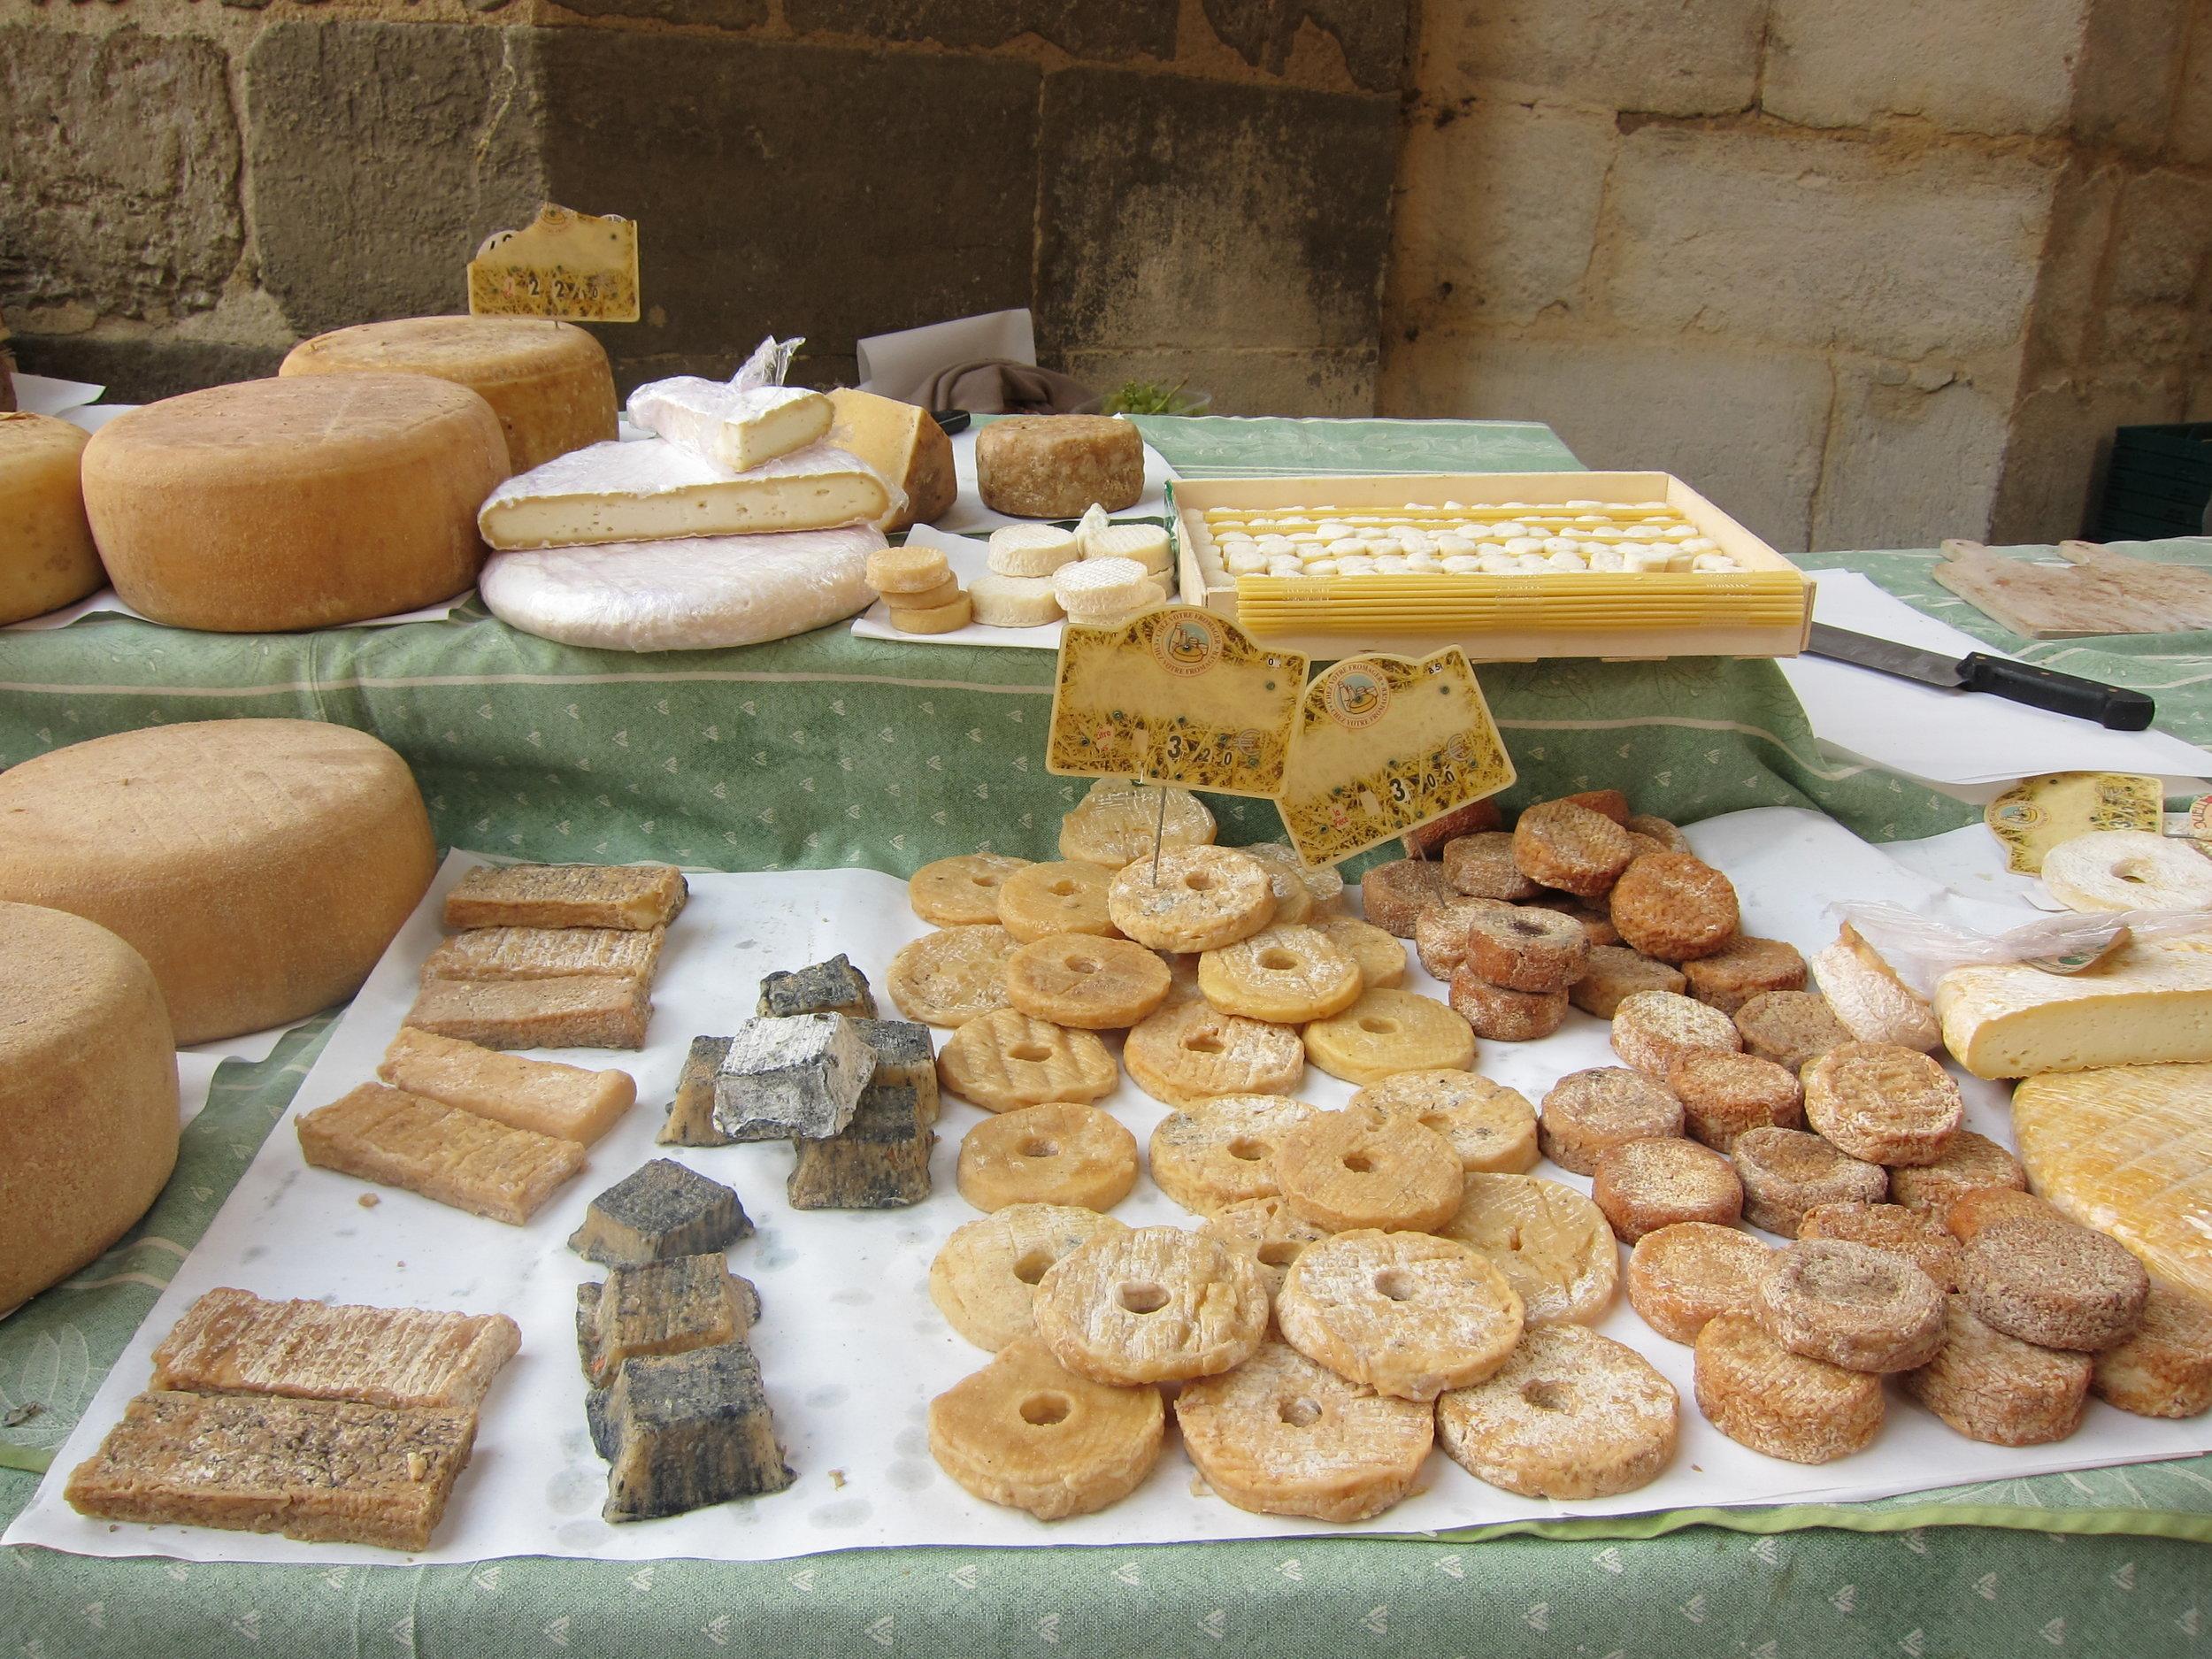 Farmers Market in France